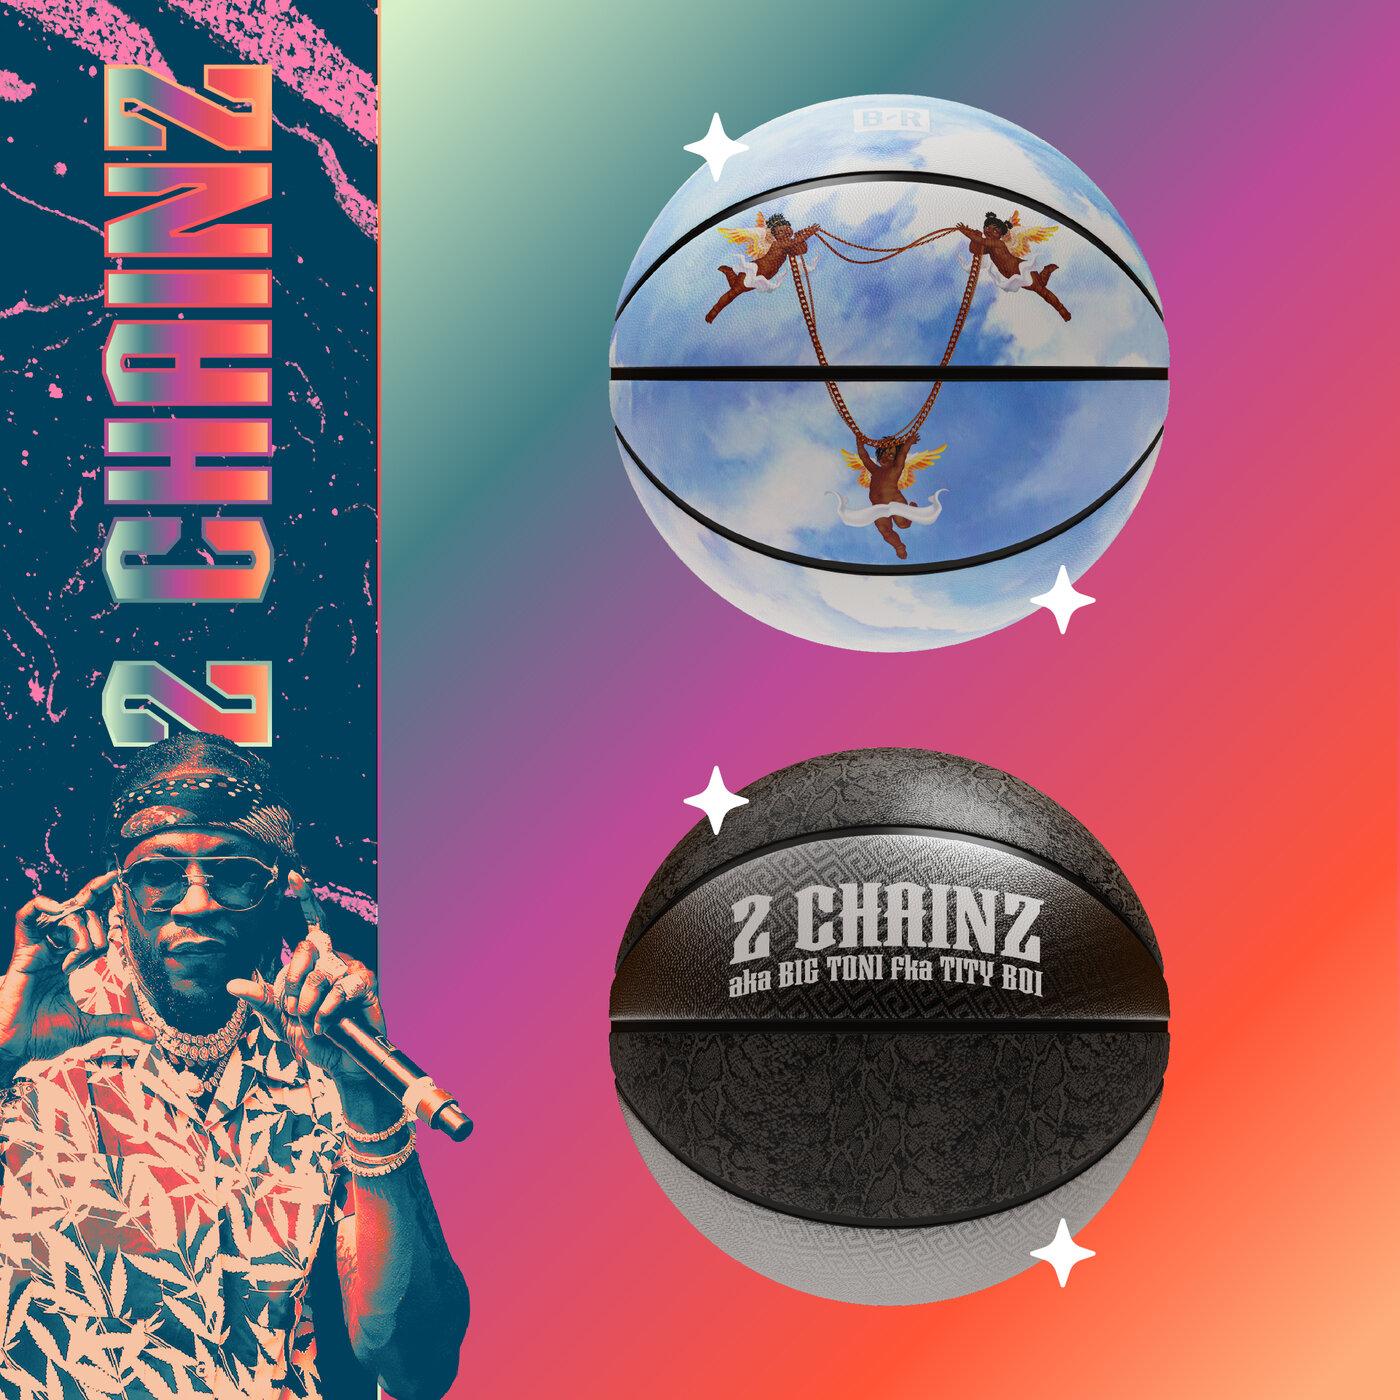 a digital basketball NFT from 2 Chainz